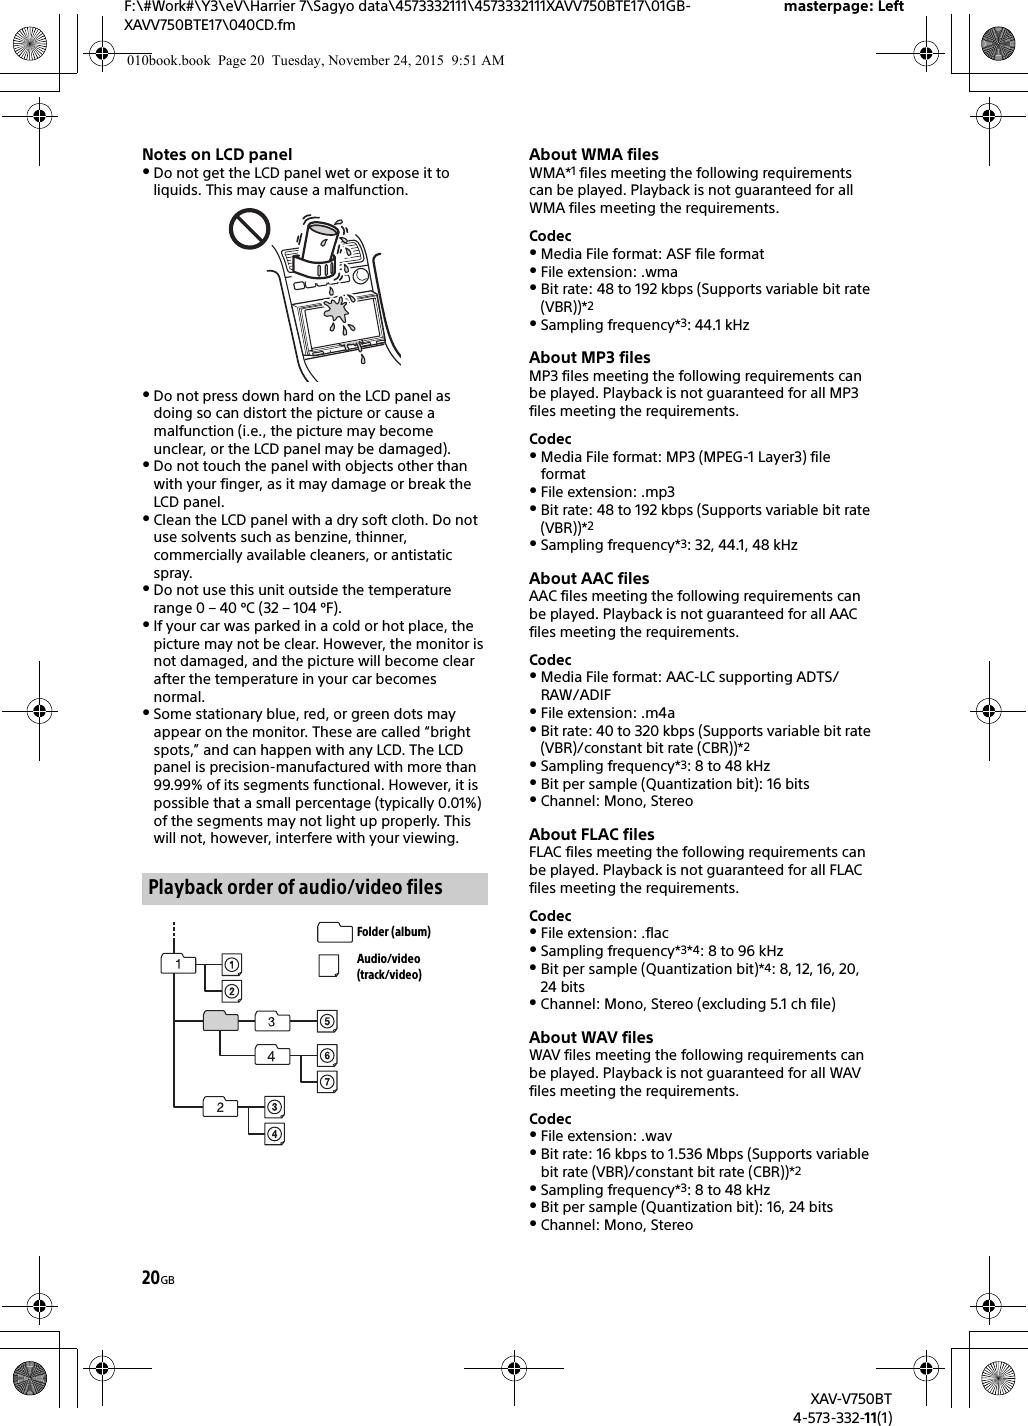 Sony XAVV750BT AV CENTER User Manual XAV V750BT